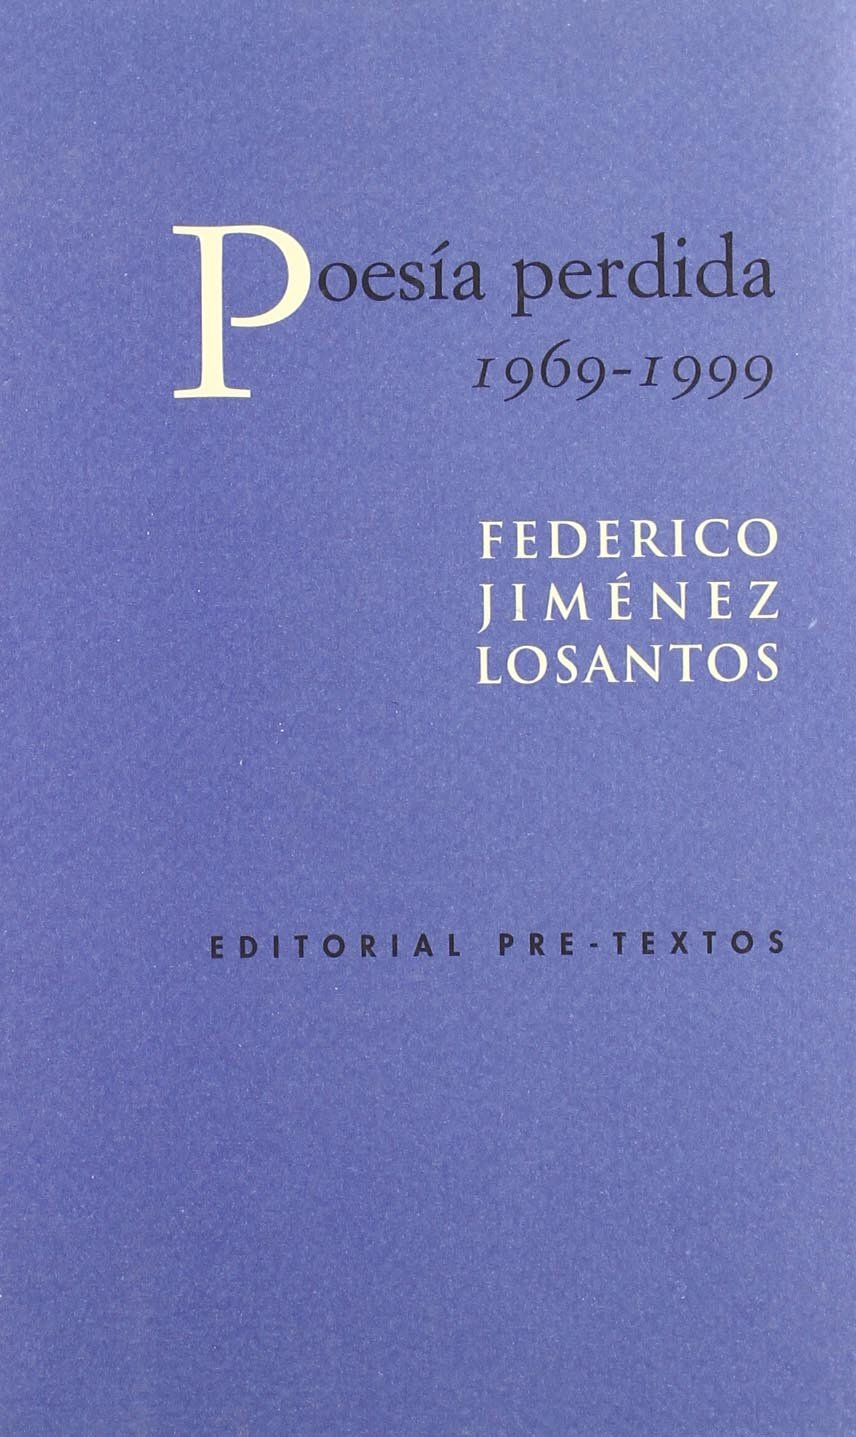 Poesía perdida (1969-1999): Amazon.es: Jiménez Losantos, Federico: Libros